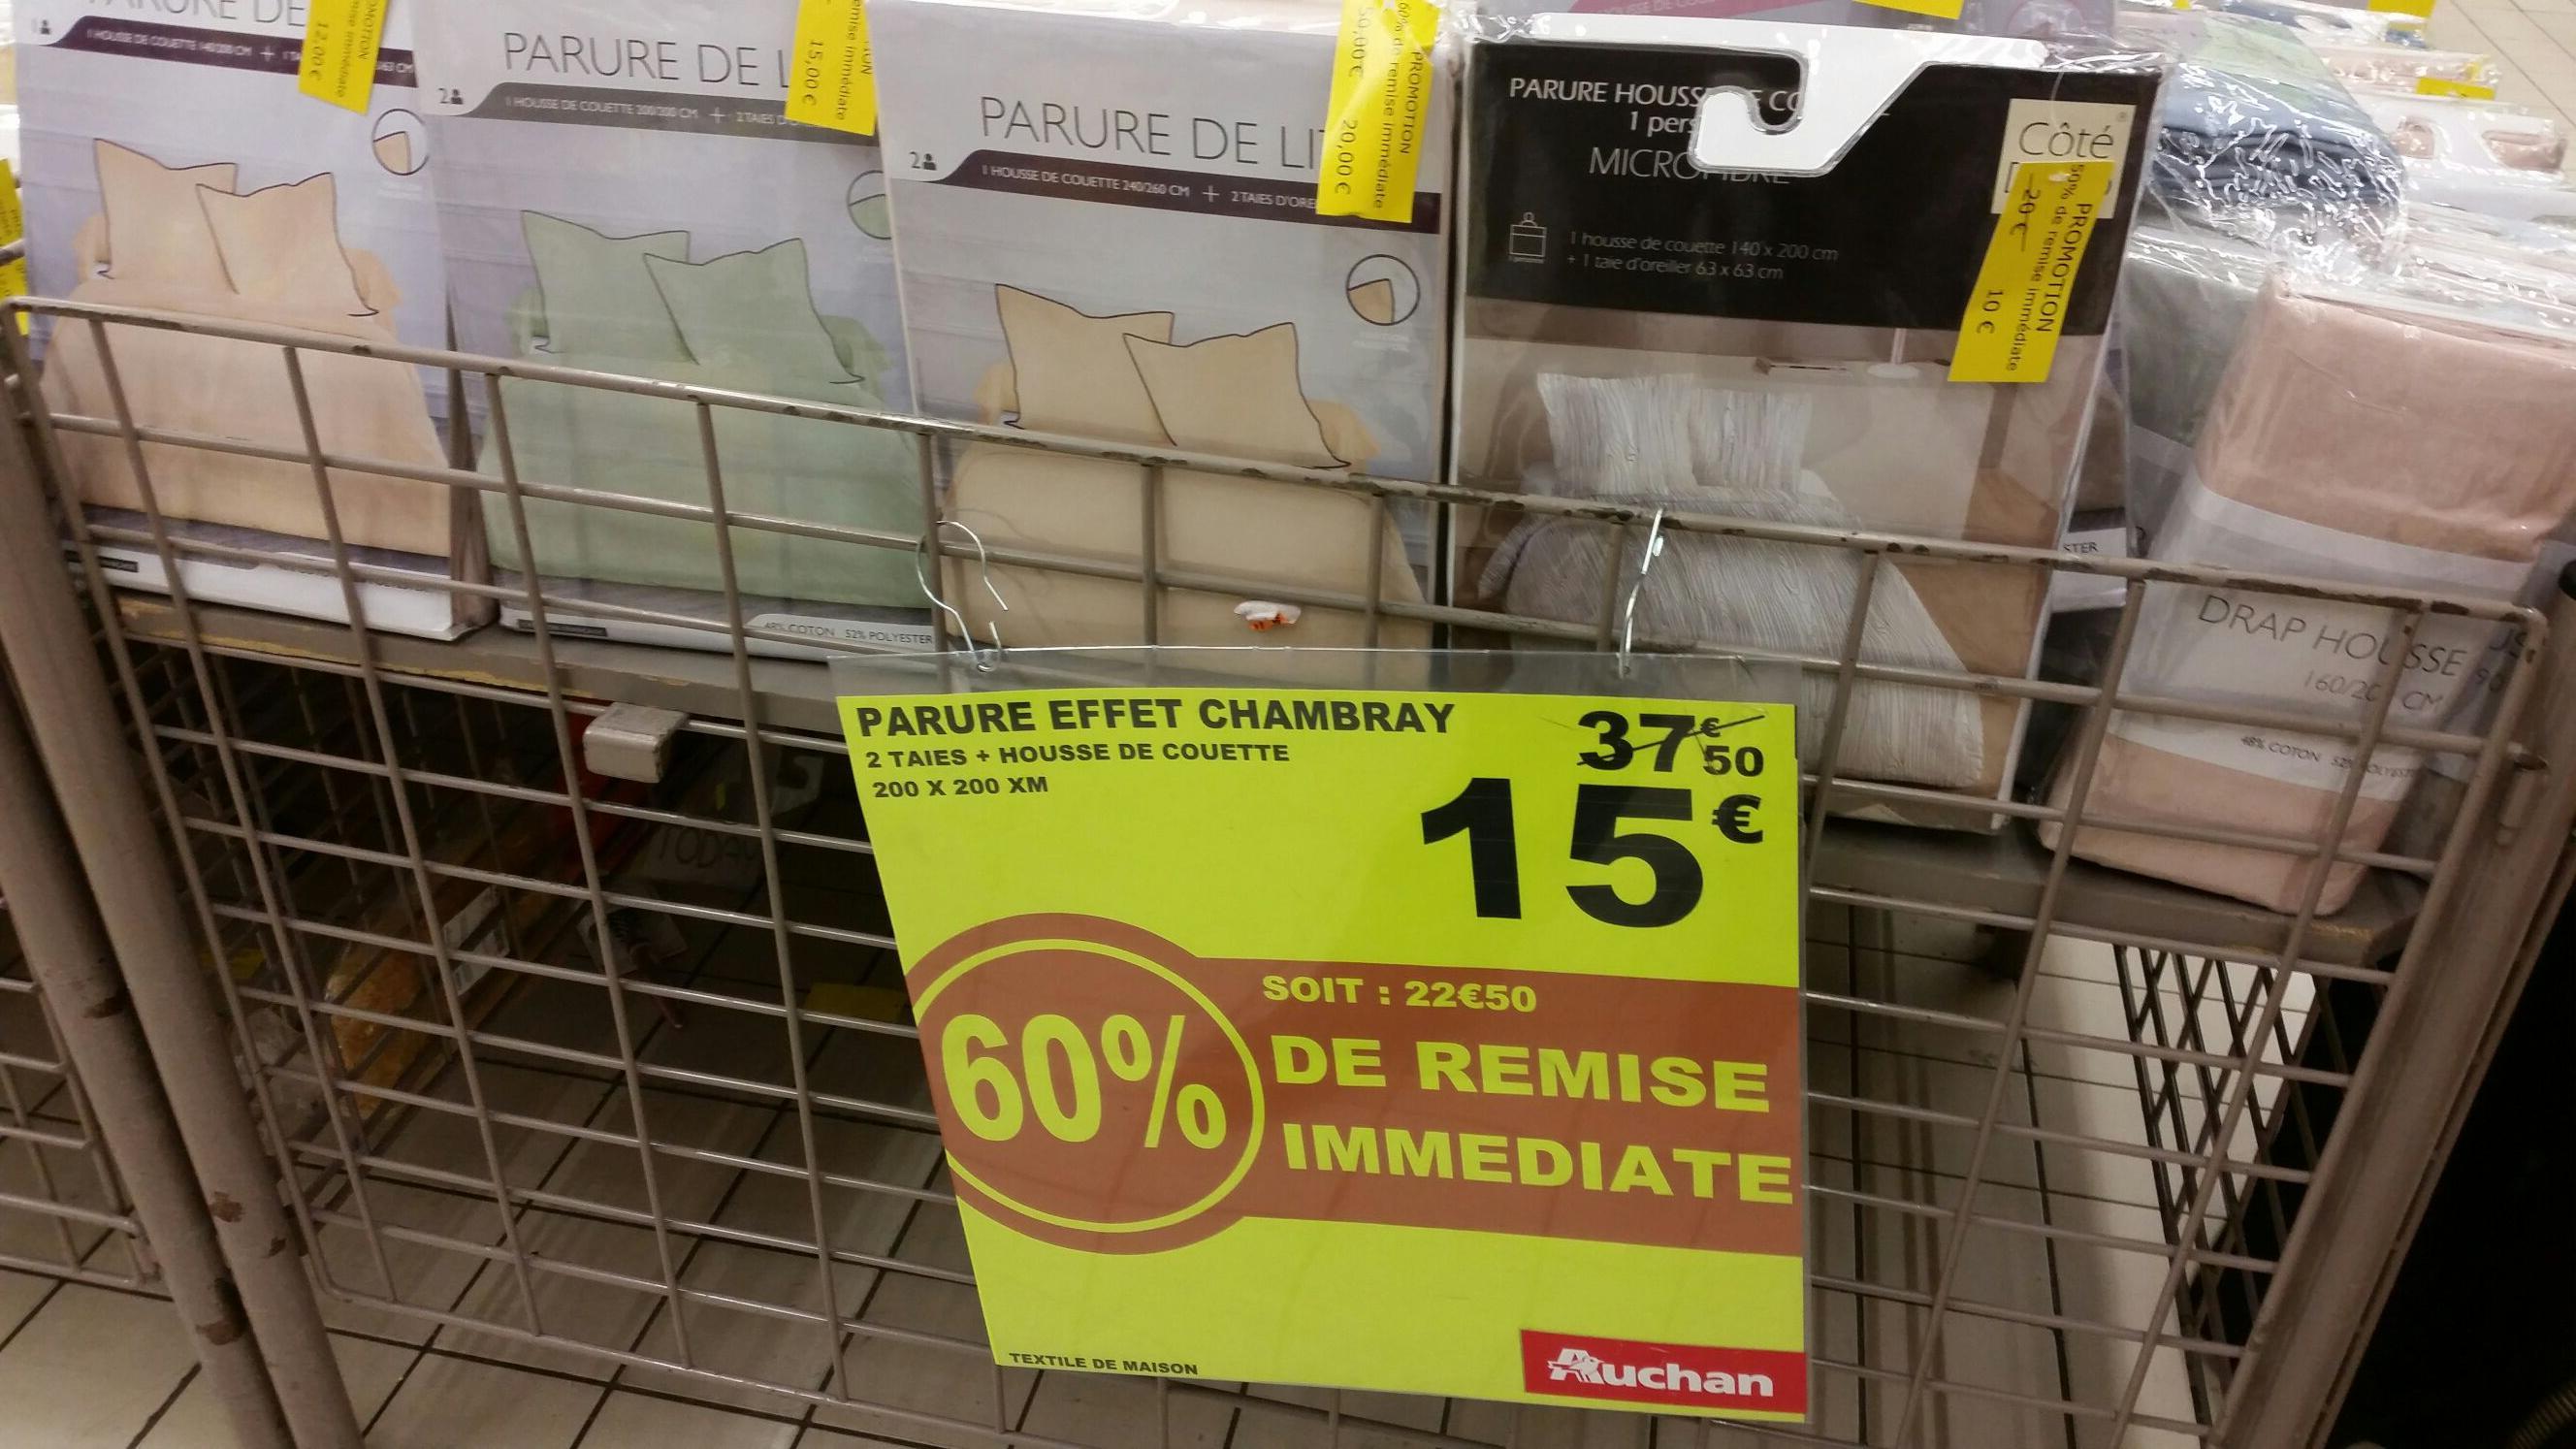 Sélection d'articles en promo - Ex: Parure de lit 2 Taies + Housse de couette (200 x 200cm) - Effet chambray